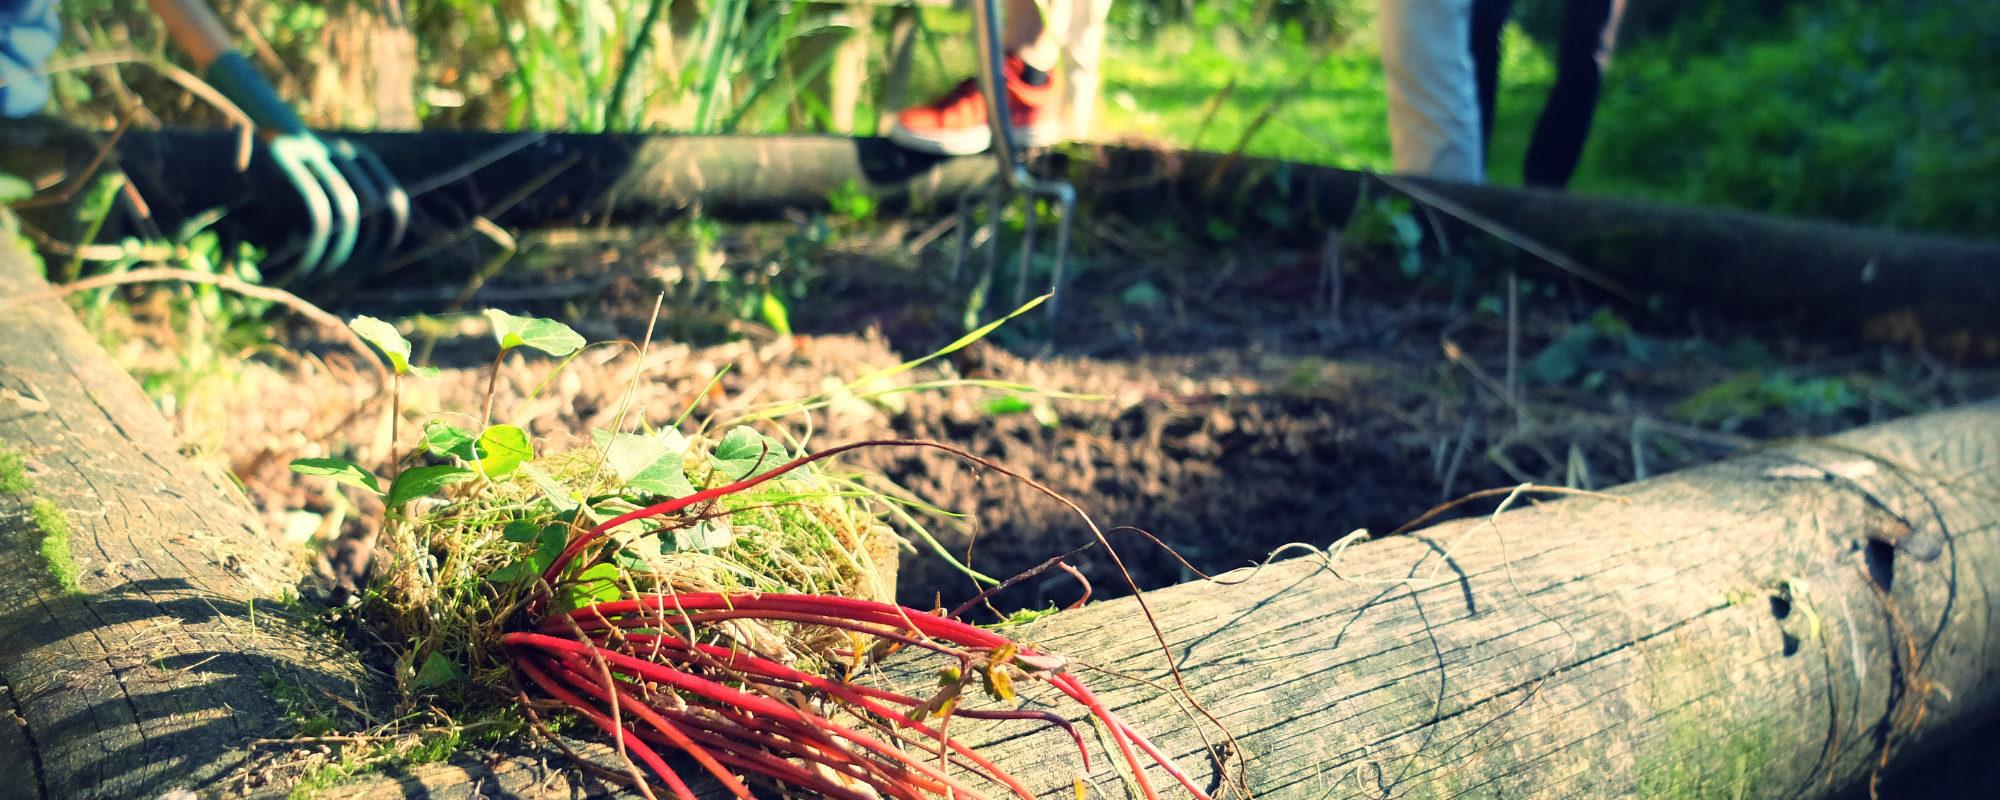 Jardiner Pour Les Nuls : Préparer La Terre Pour L'hiver encequiconcerne Jardiner Pour Les Nuls